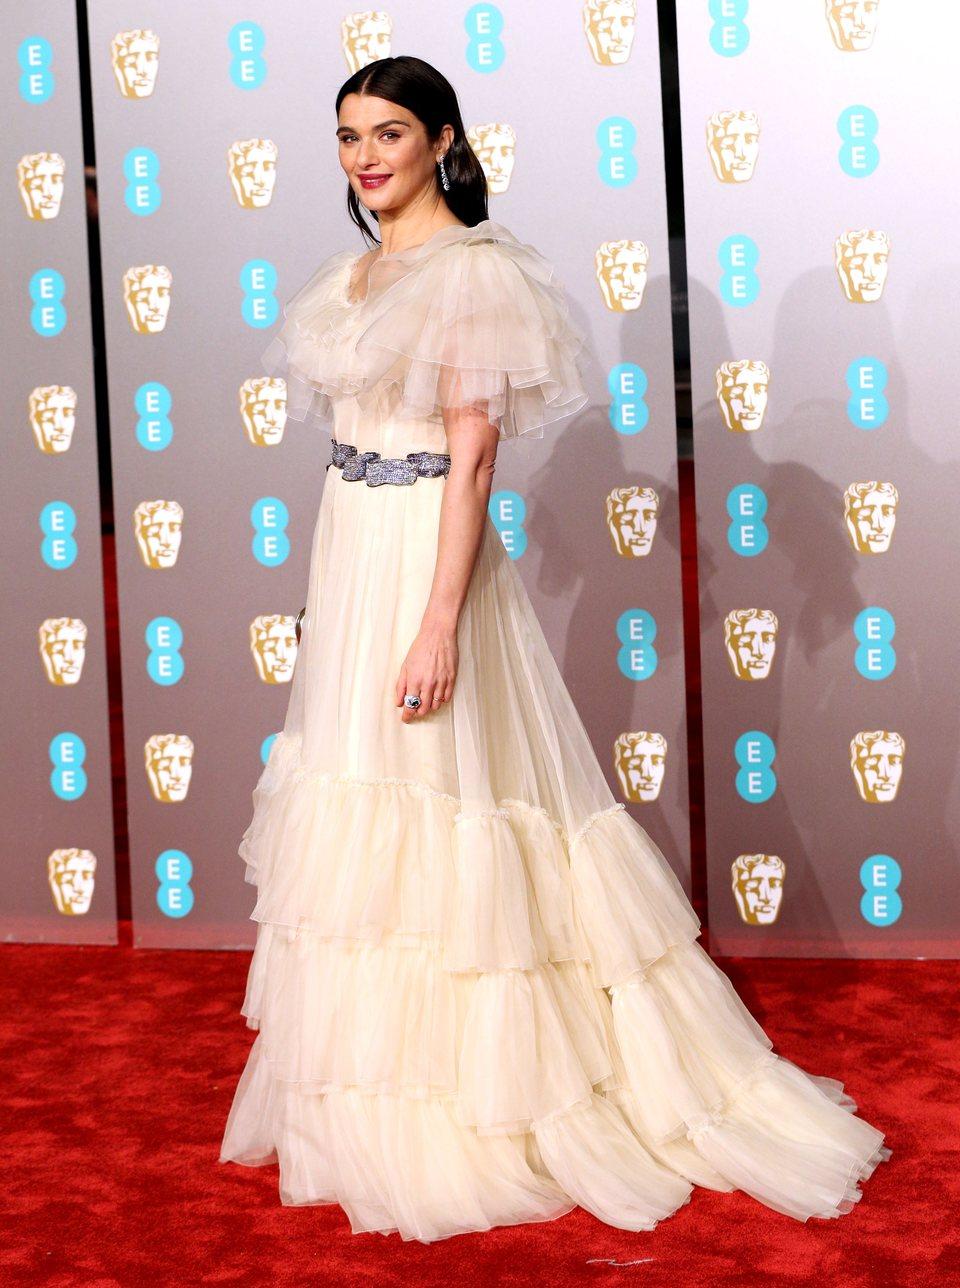 Rachel Weisz en la alfombra roja de los BAFTA 2019